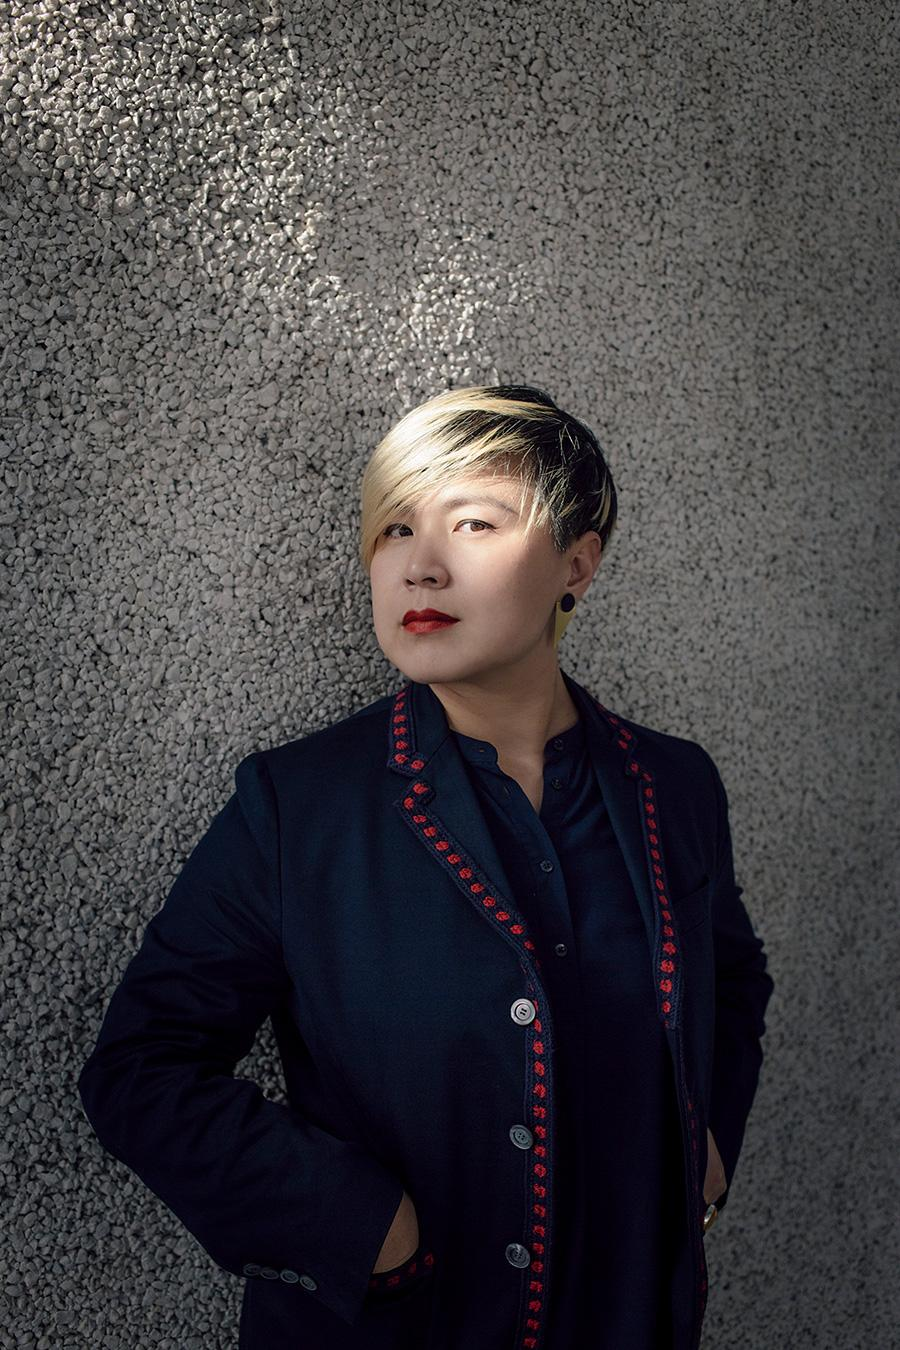 Cao Fei portrait